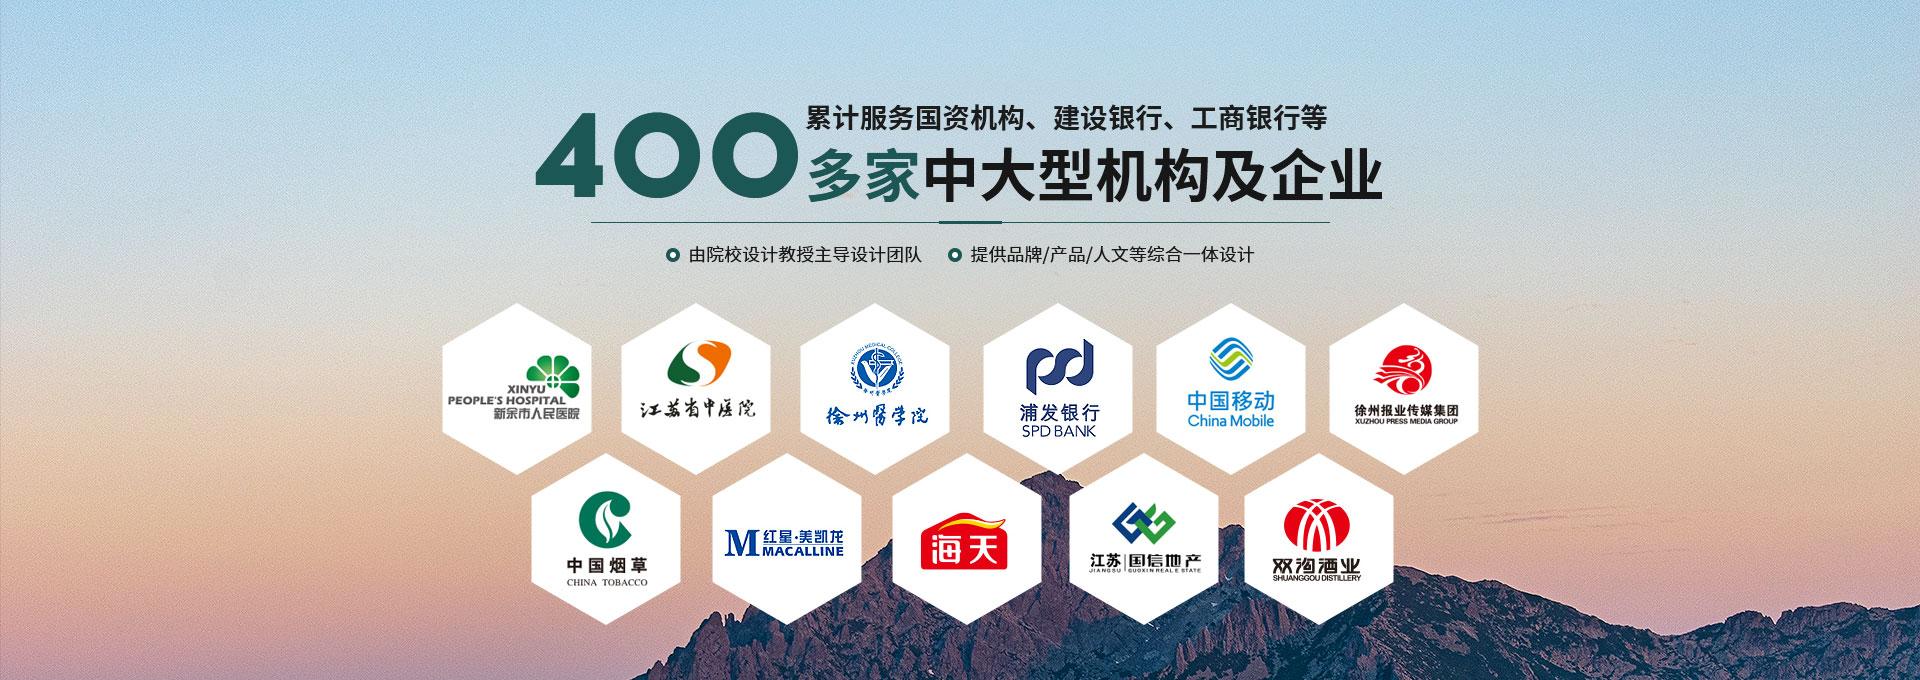 乐虎国际电子娱乐累计服务国资机构、建设银行、工商银行等400多家中大型机构及企业